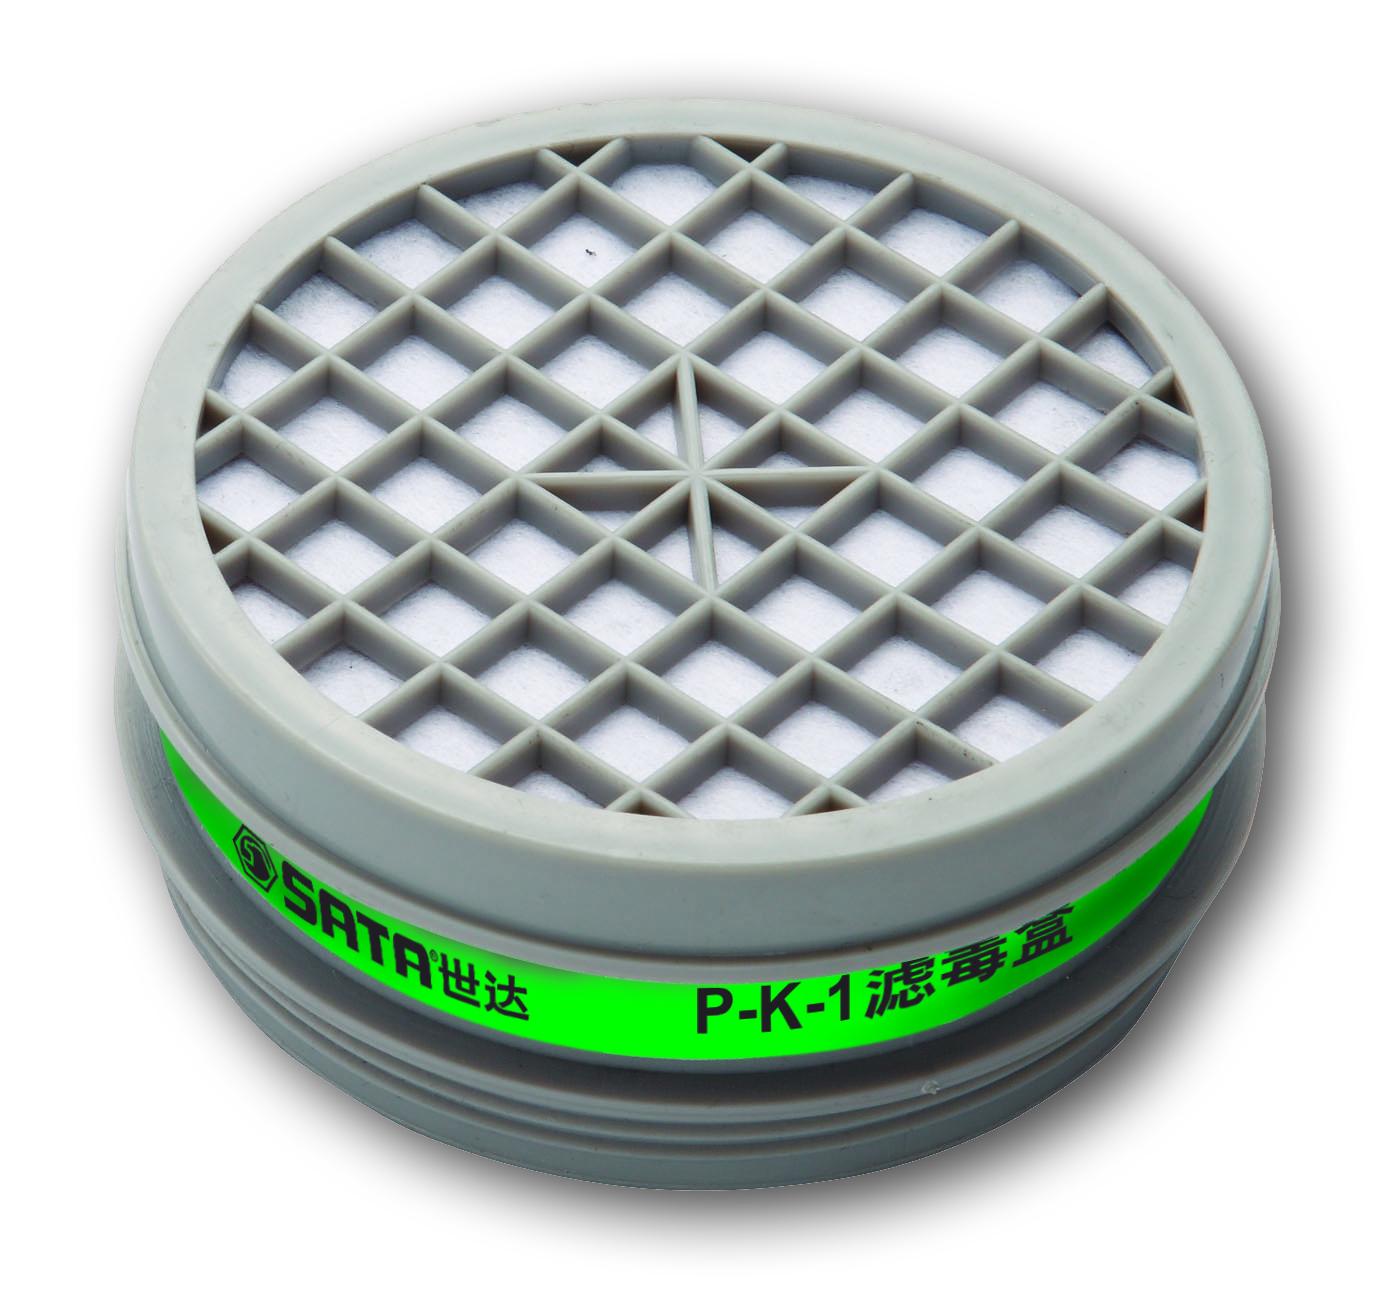 P-K-1滤毒盒(大)